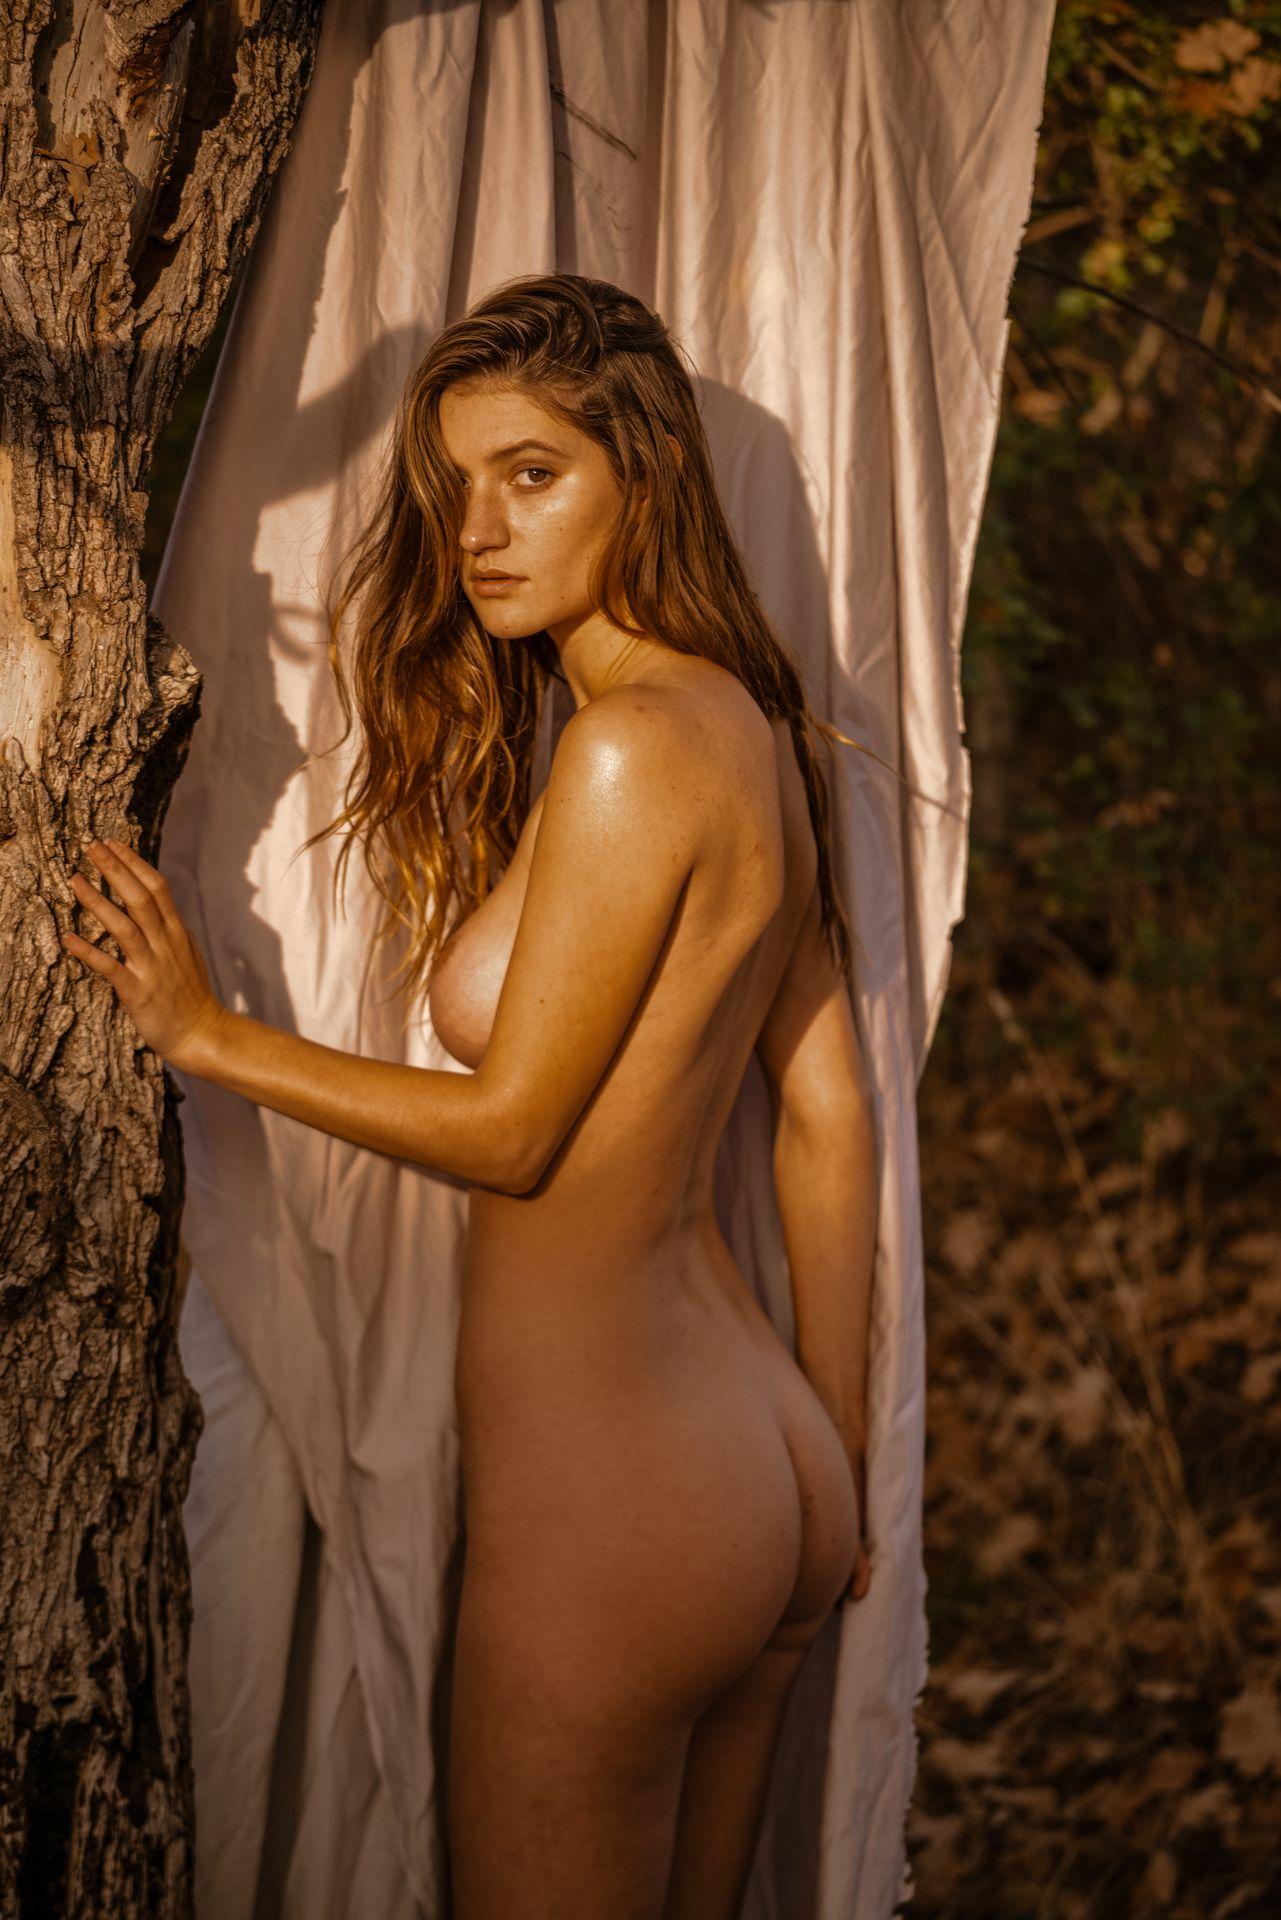 Elizabeth elam naked